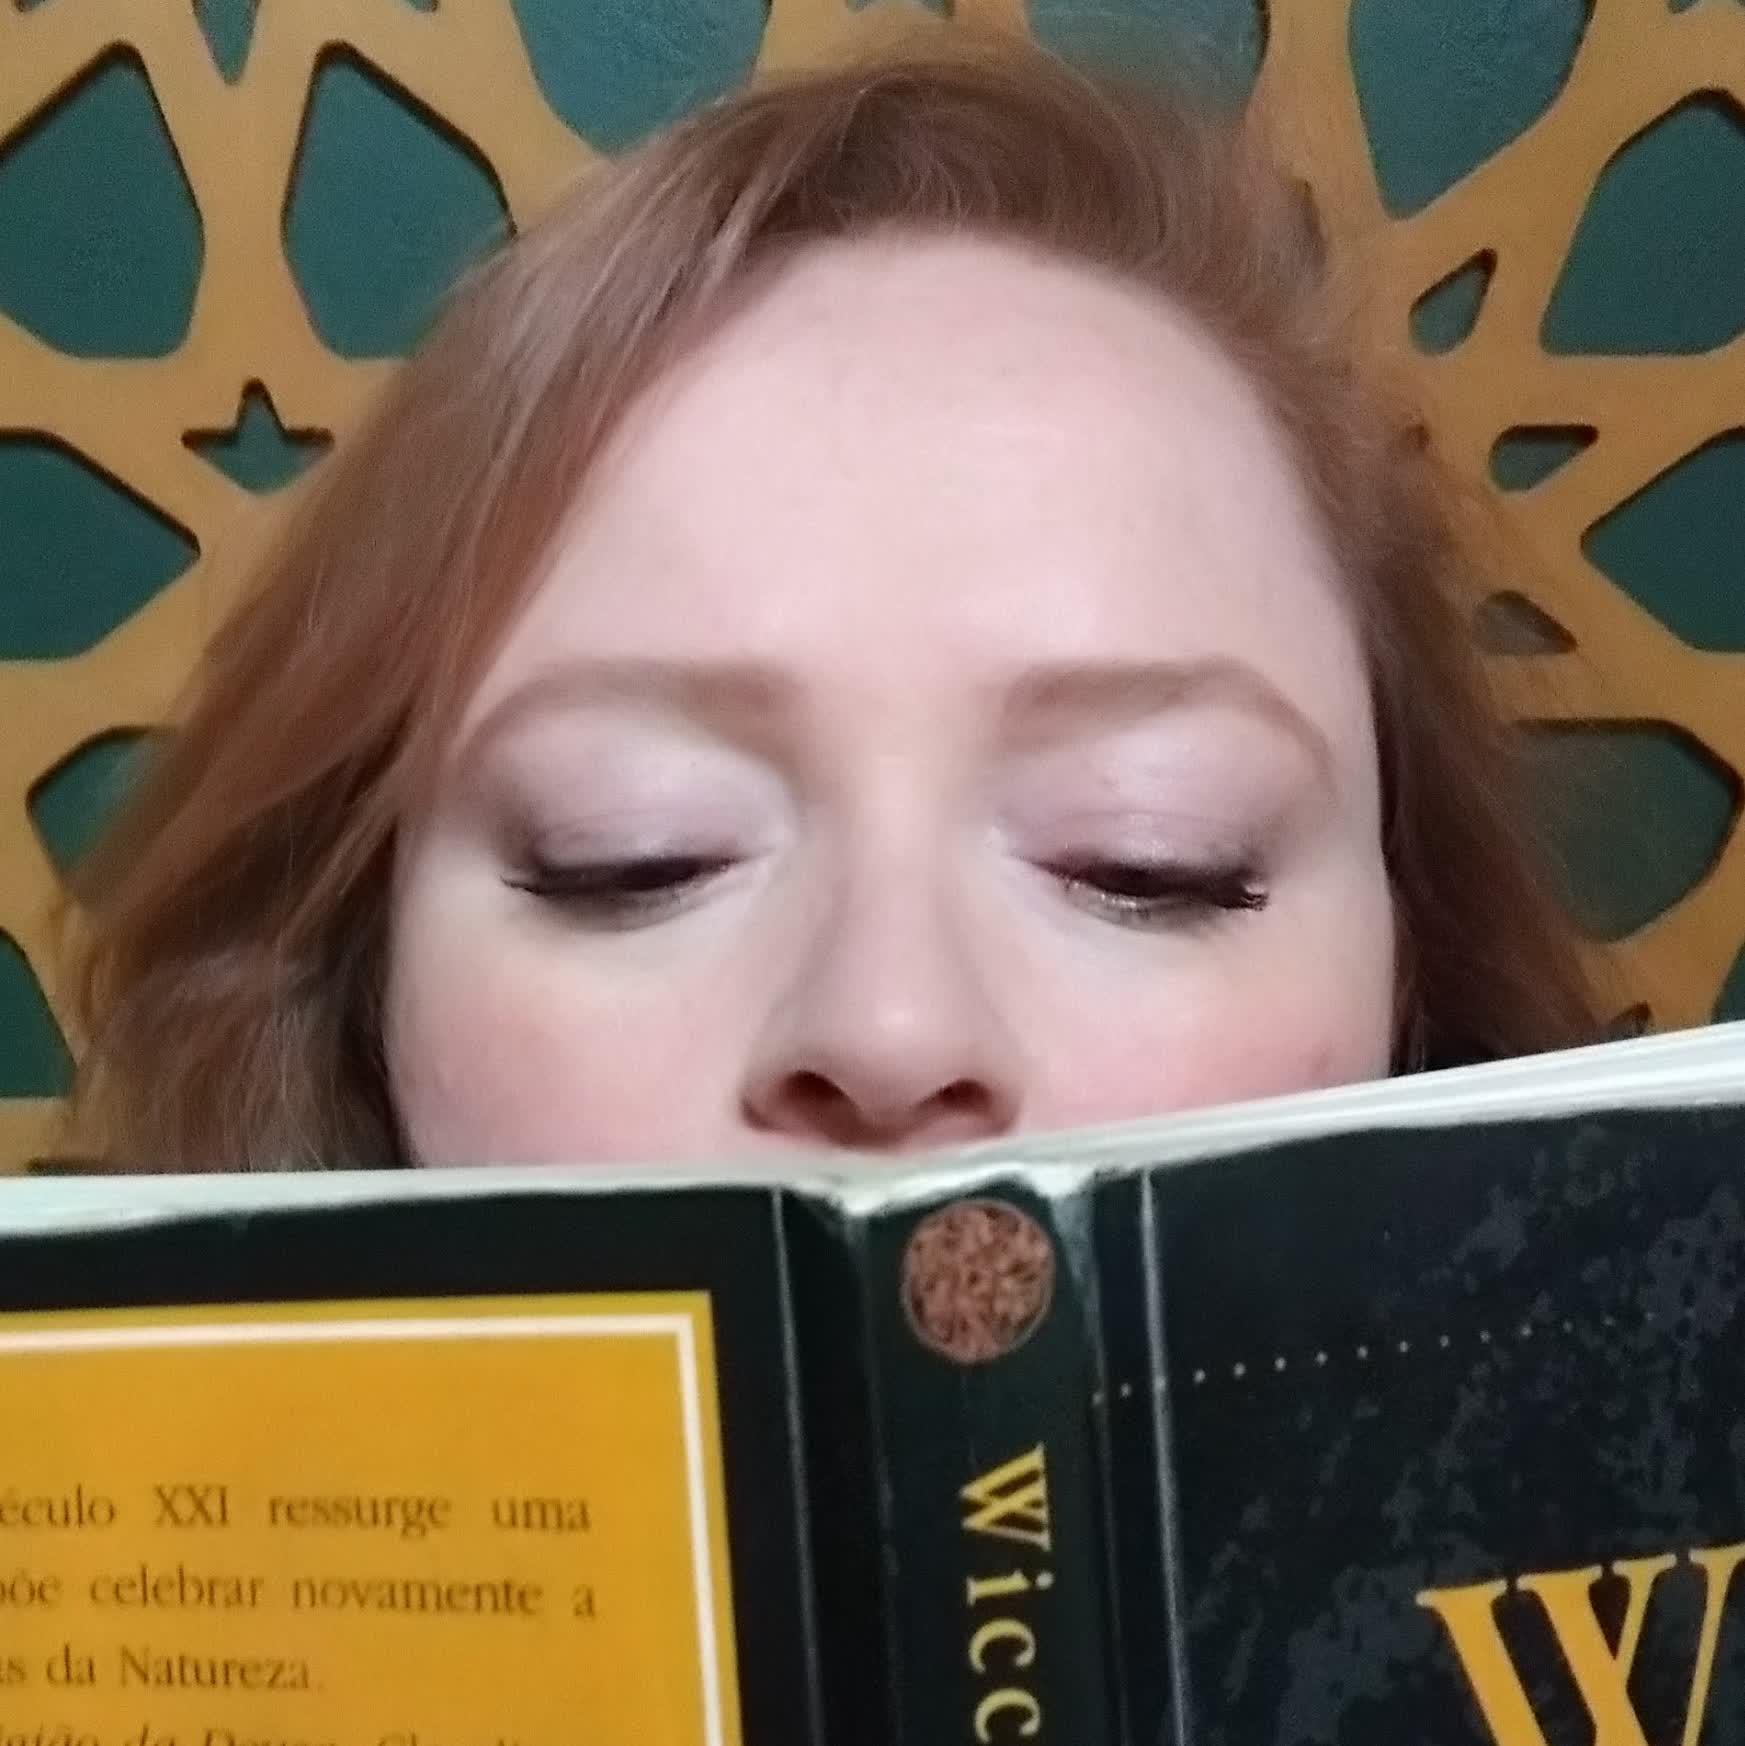 Como se produz um livro?